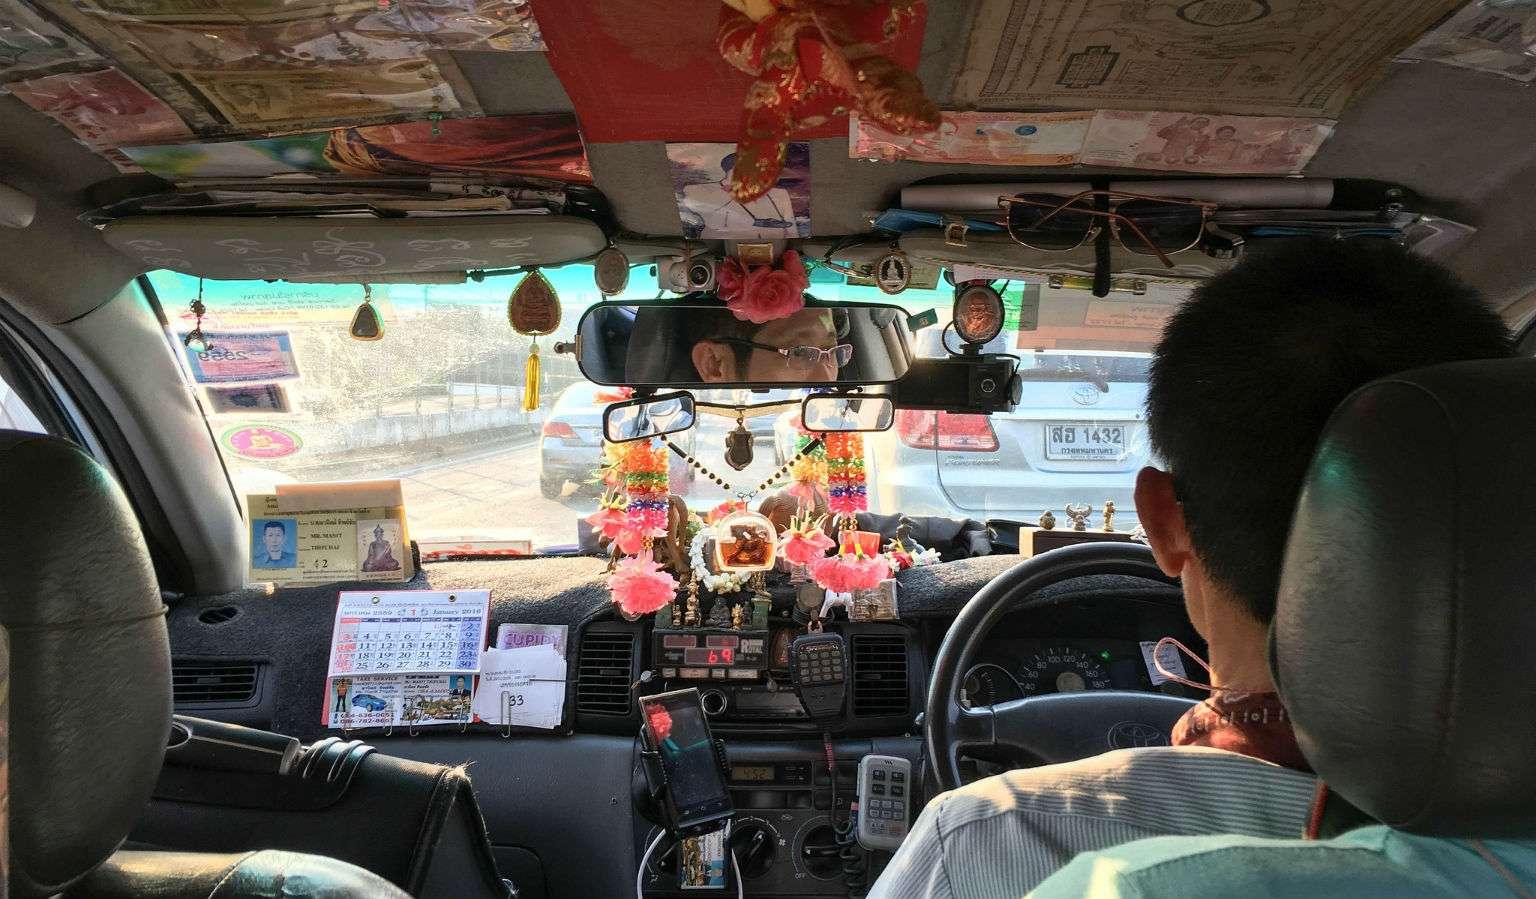 Binnenkant van Taxi volgeplakt met brief geld en snuisterijen.